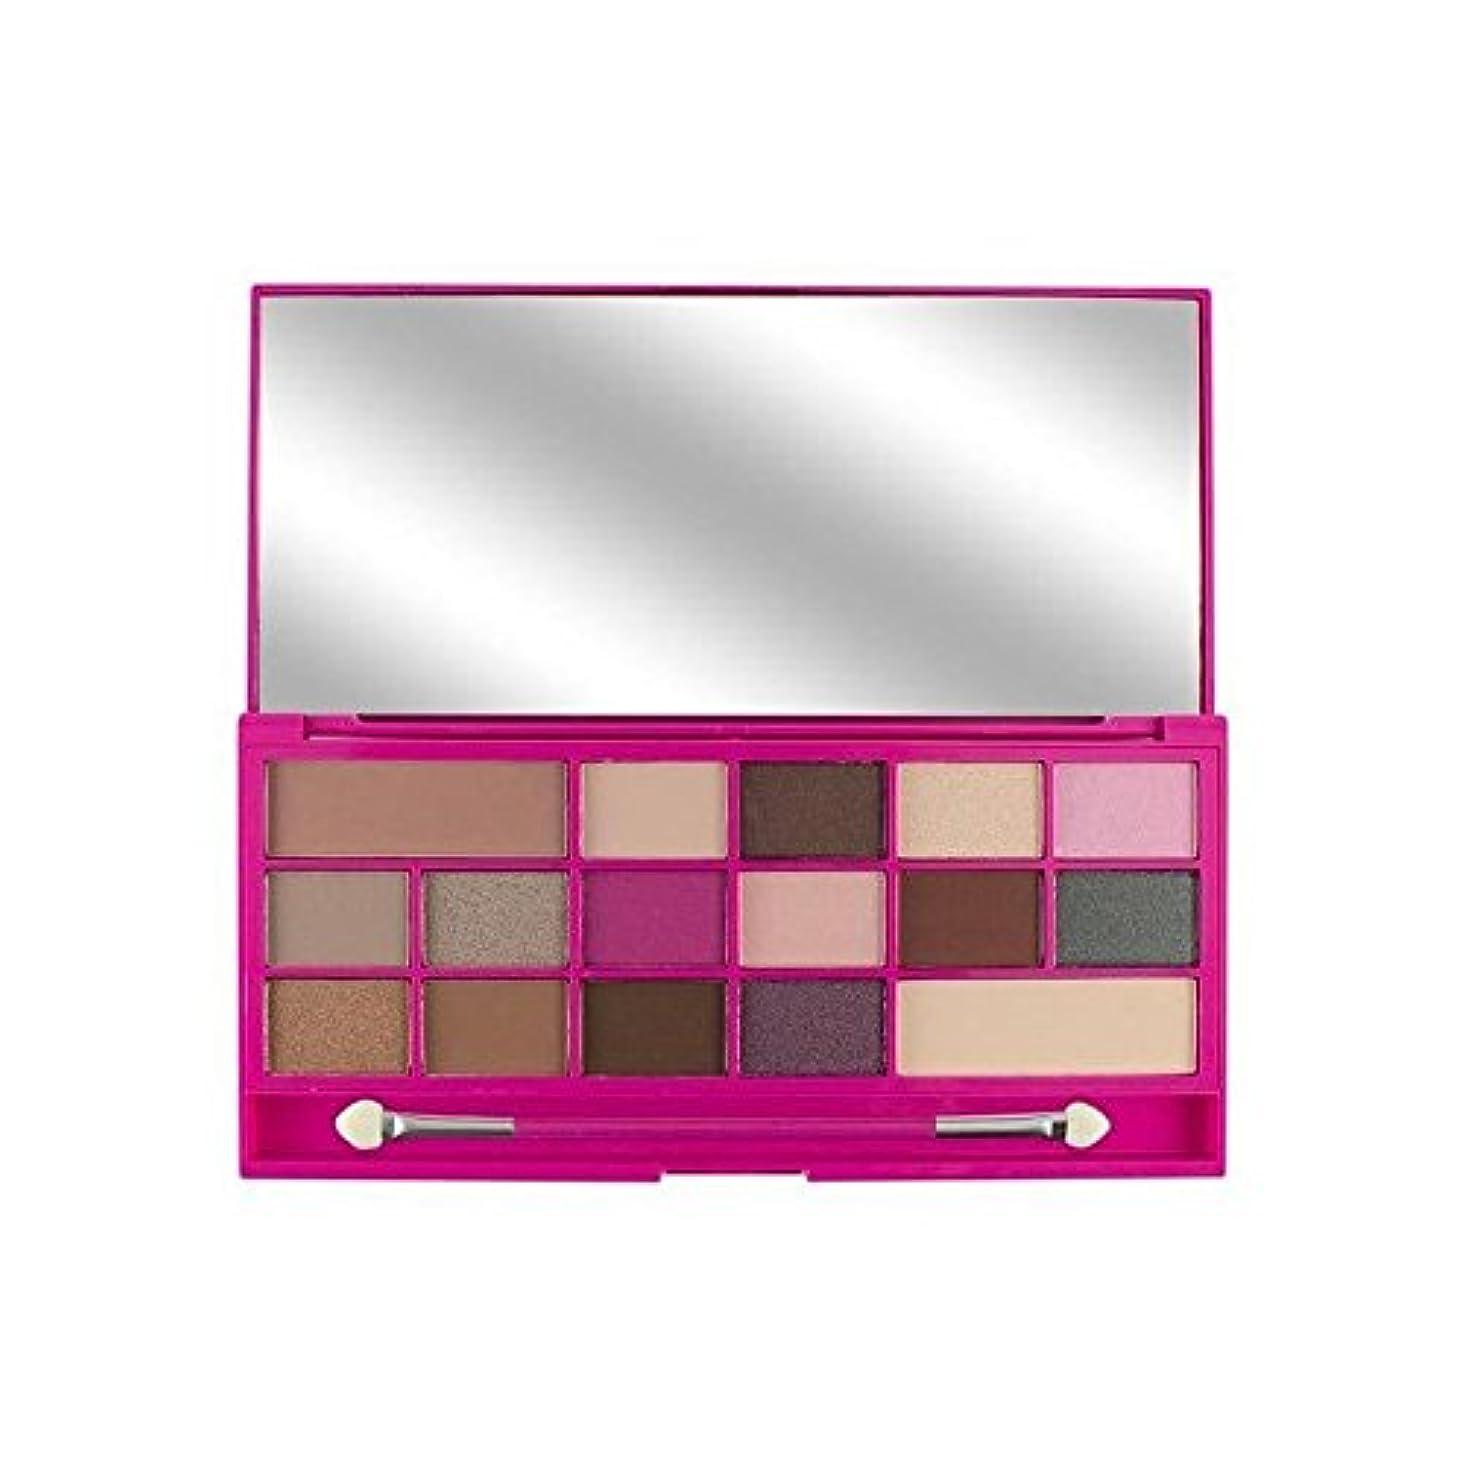 フェード視線腸私は心のメイクアップアイシャドウパレットチョコレートの愛 x2 - I Heart Makeup Eyeshadow Palette Chocolate Love (Pack of 2) [並行輸入品]